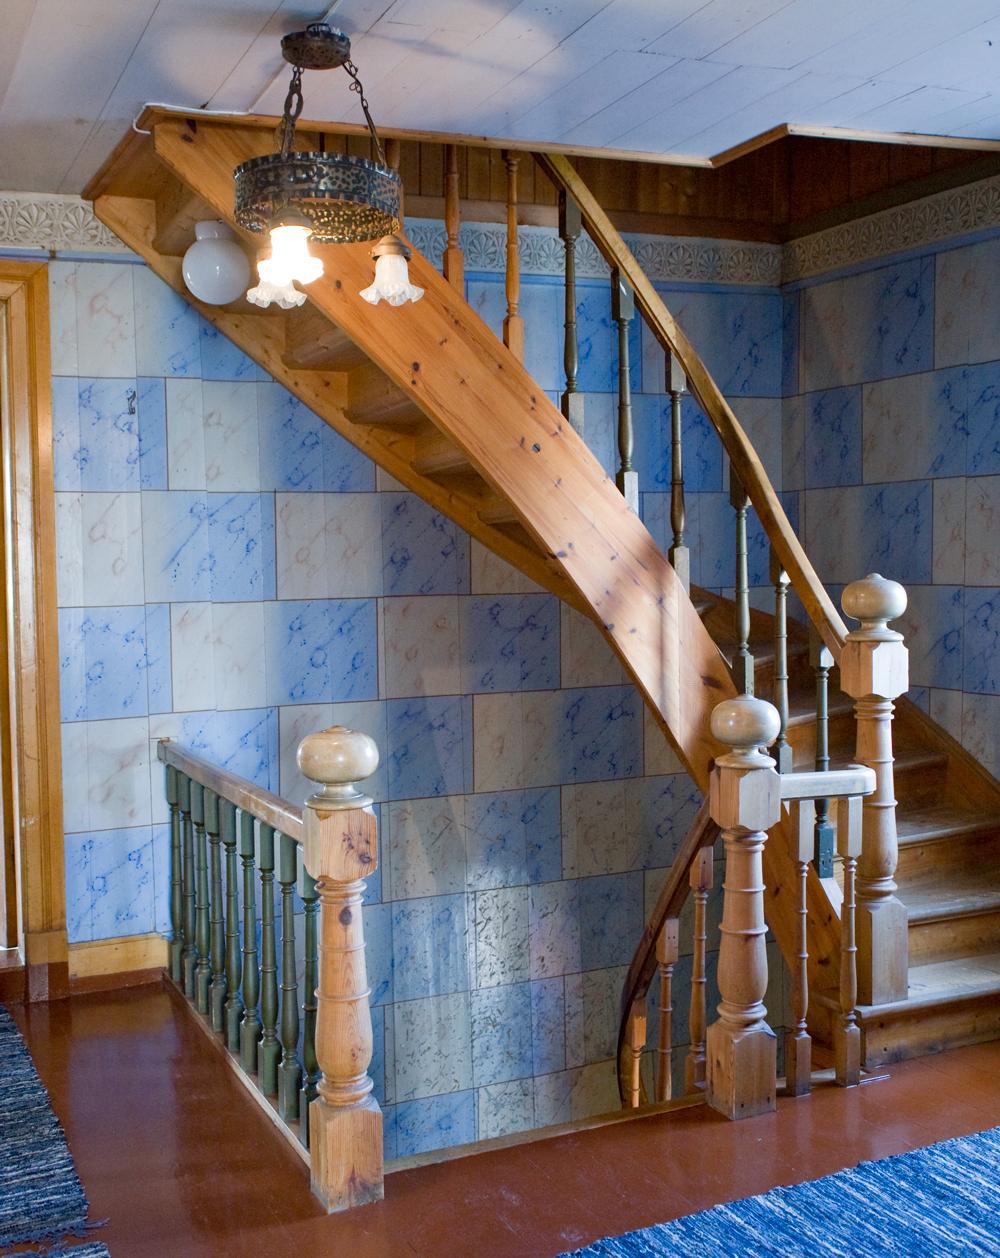 Det flotte blåmarmorerte trapperommet i føderådsbygningen er malt av en dekorasjonsmaler Larsen.